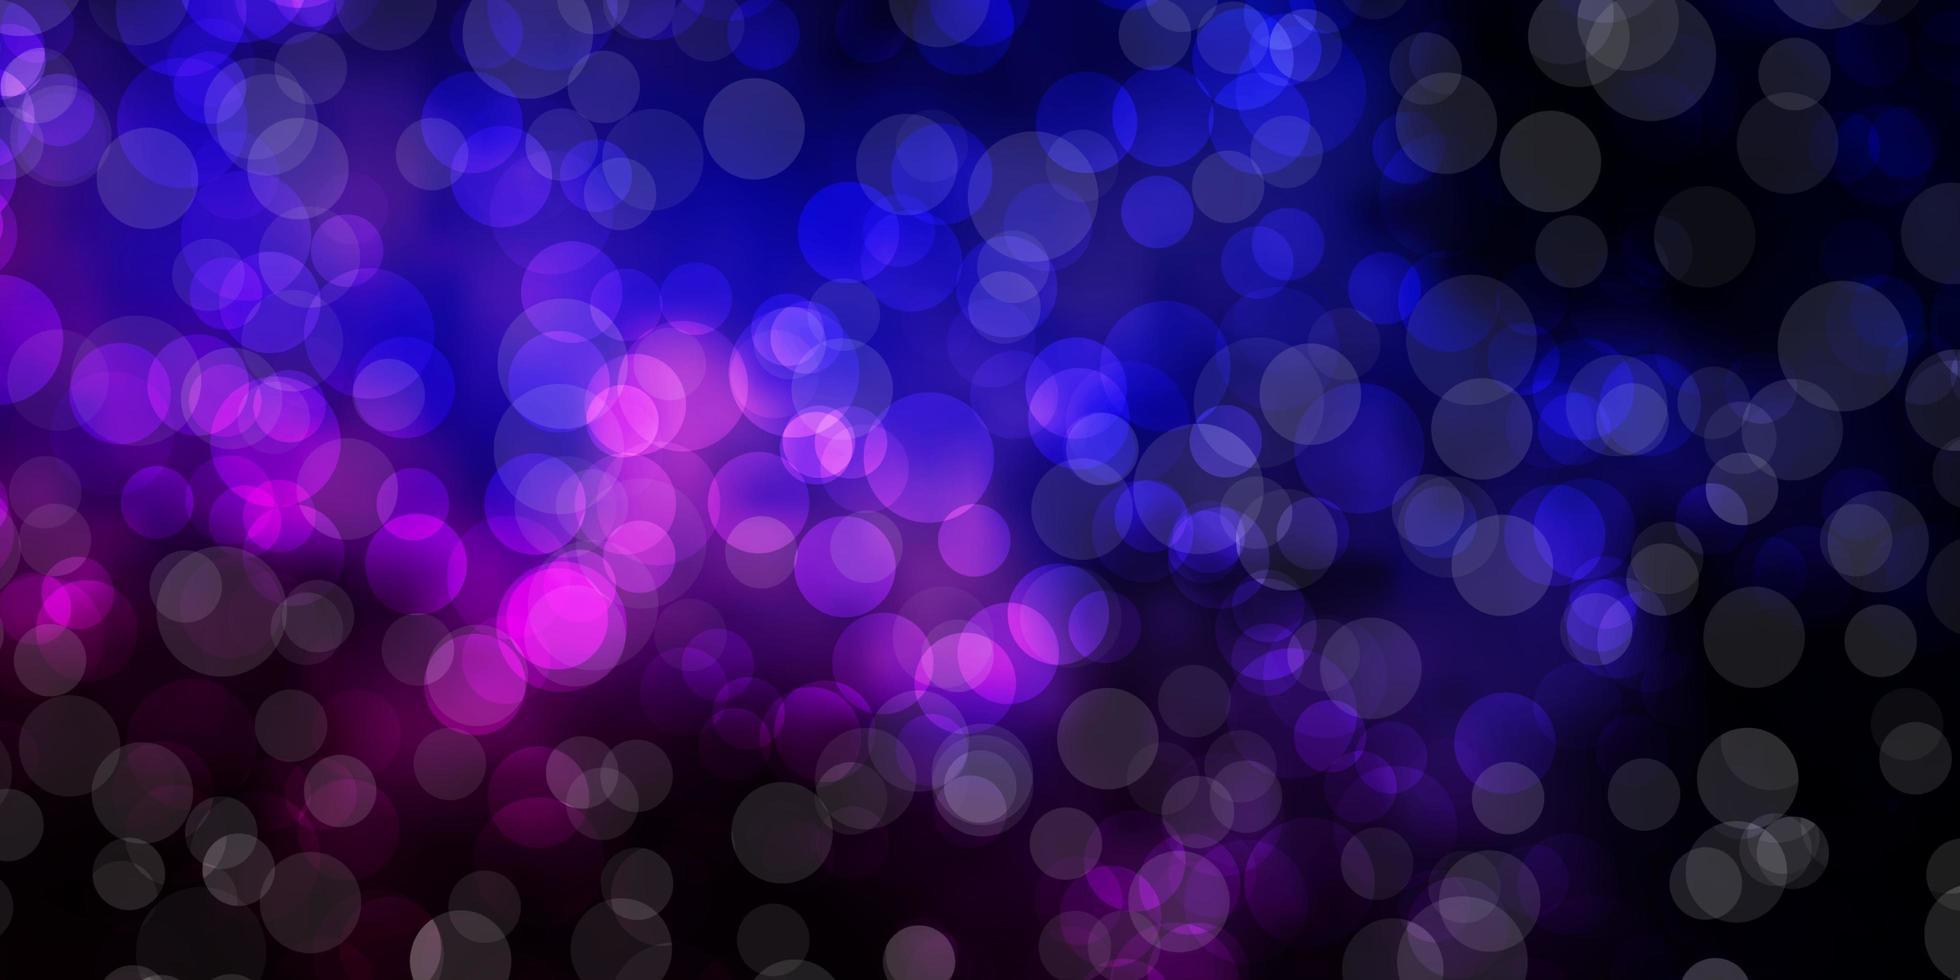 donkerroze, blauwe vectorlay-out met cirkelvormen. vector